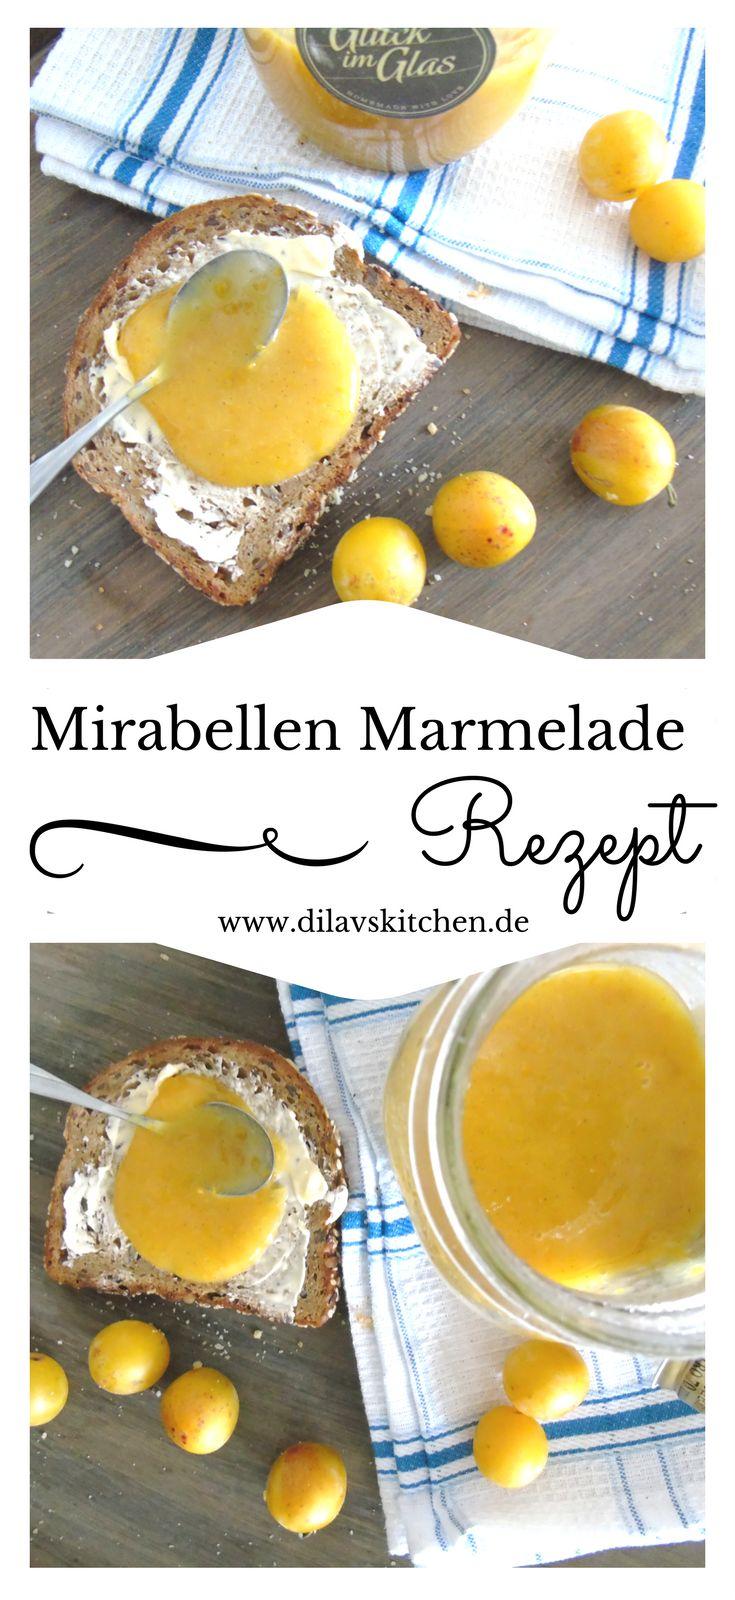 Mit der leuchtend gelben Mirabellen Marmelade holst du dir den Sommer aufs Brot: www.dilavskitchen.de   #rezept #foodblog #marmelade #konfitüre #mirabelle #mirabellenmarmelade #selbstgemacht #diy